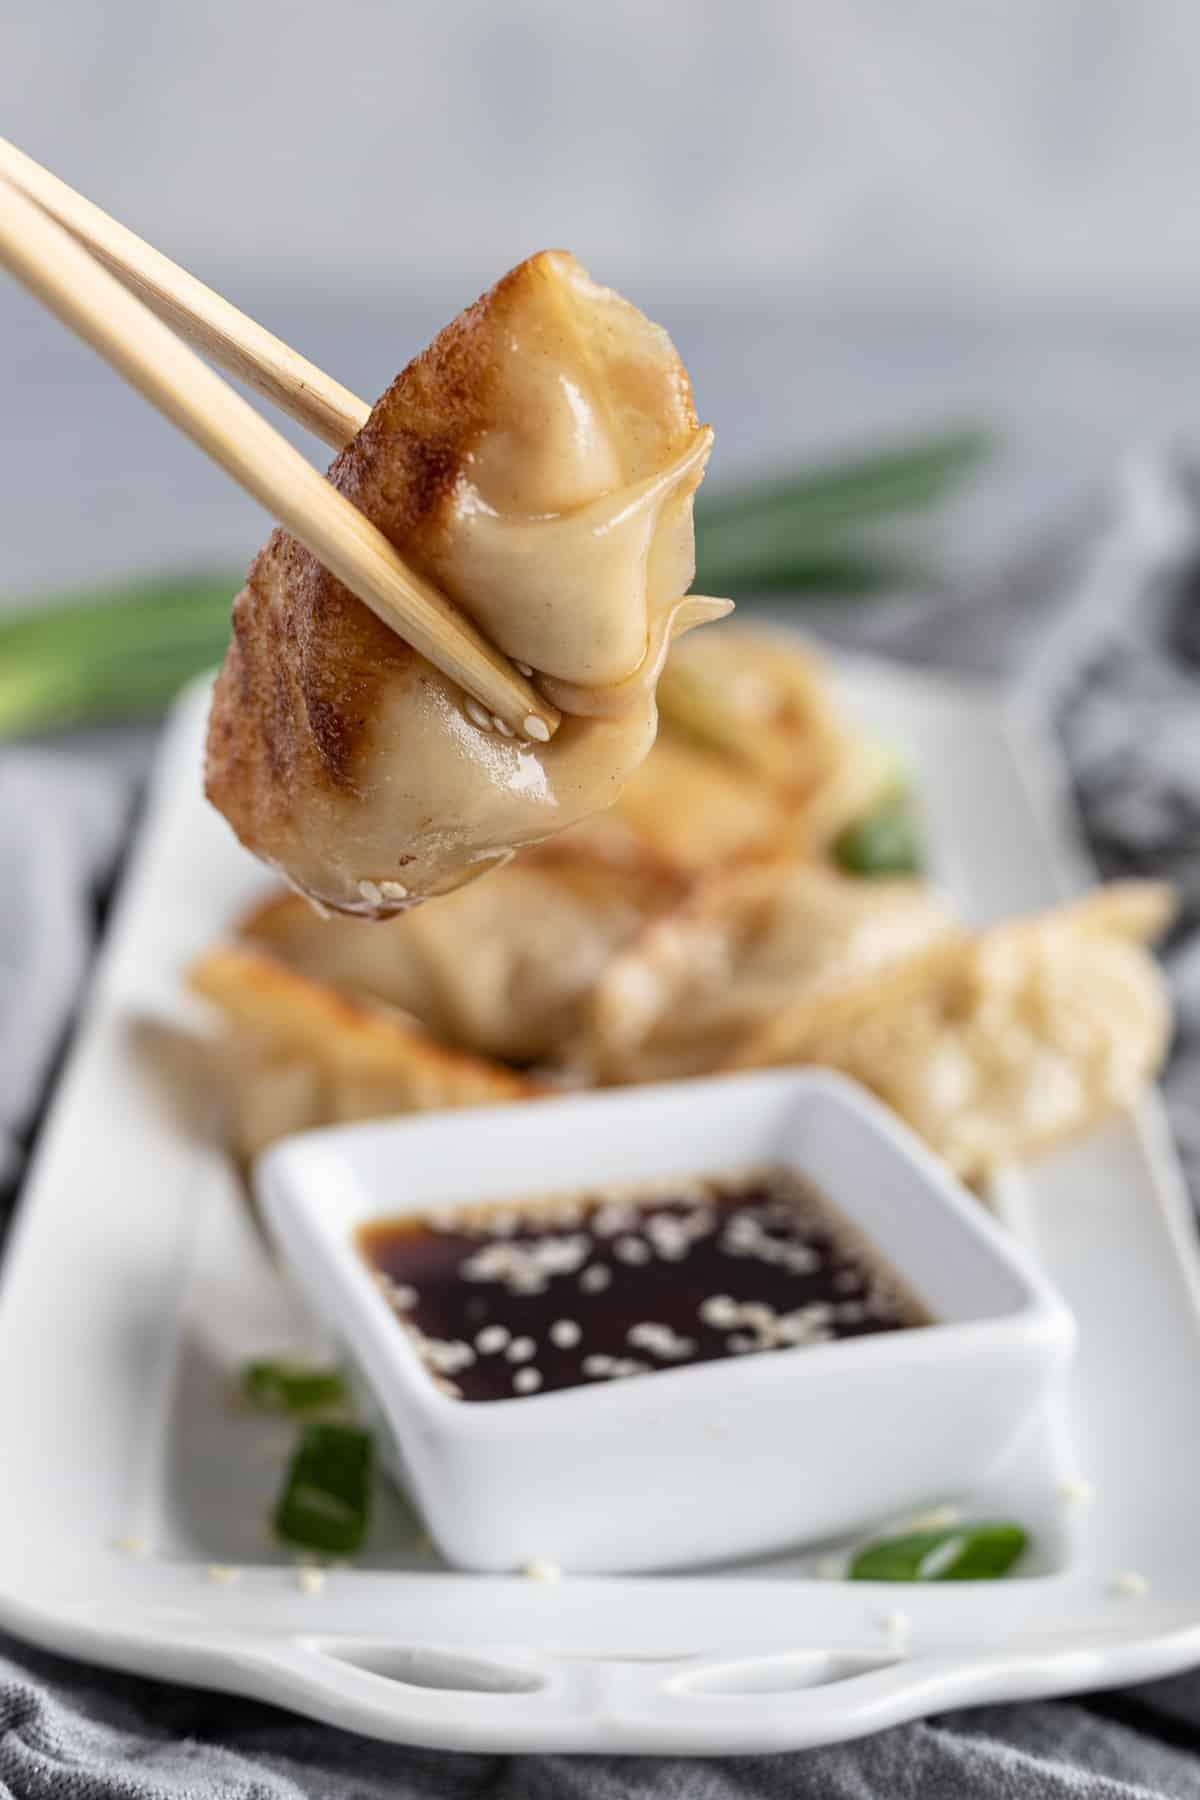 A Pair of Wooden Chopsticks Squeezing a Warm Chicken Dumpling